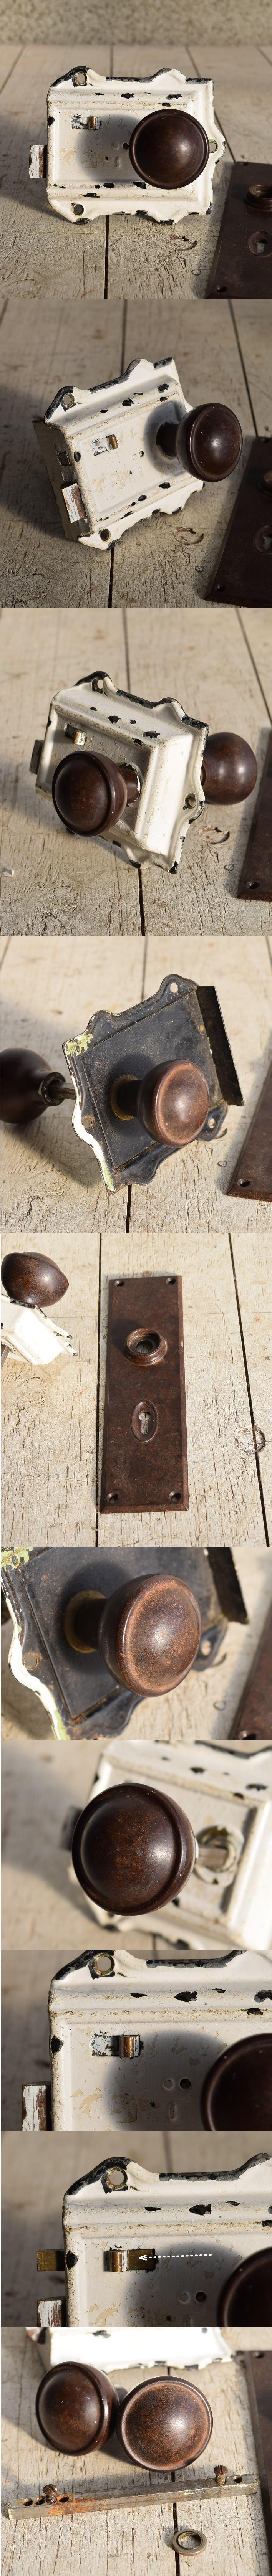 イギリス アンティーク ラッチ&ドアノブ 建具金物 7620